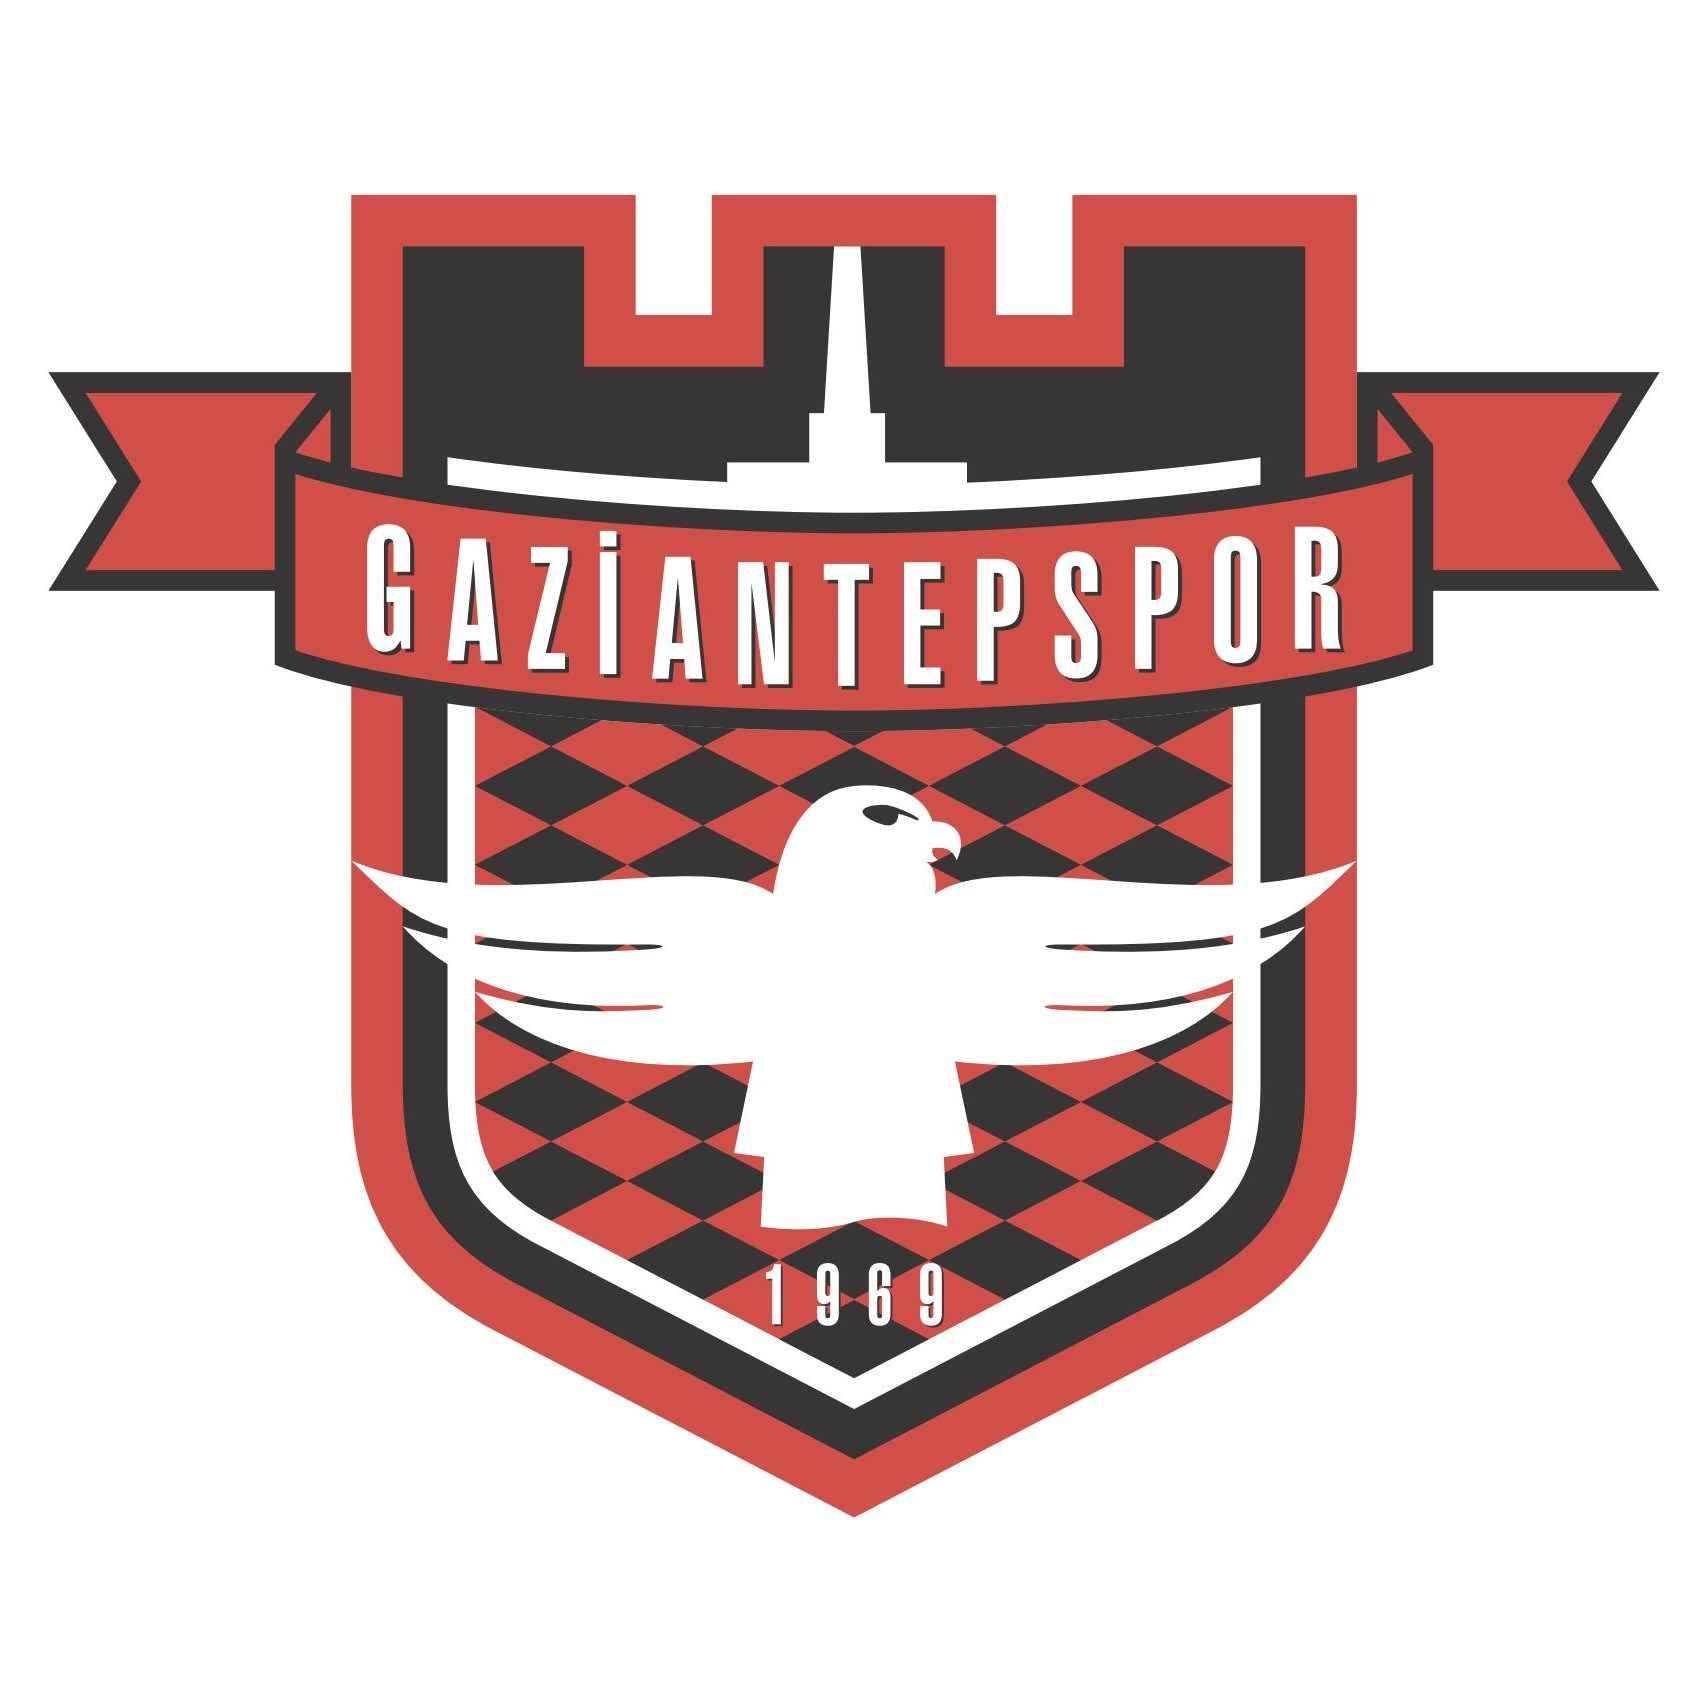 Gaziantepspor Logo png